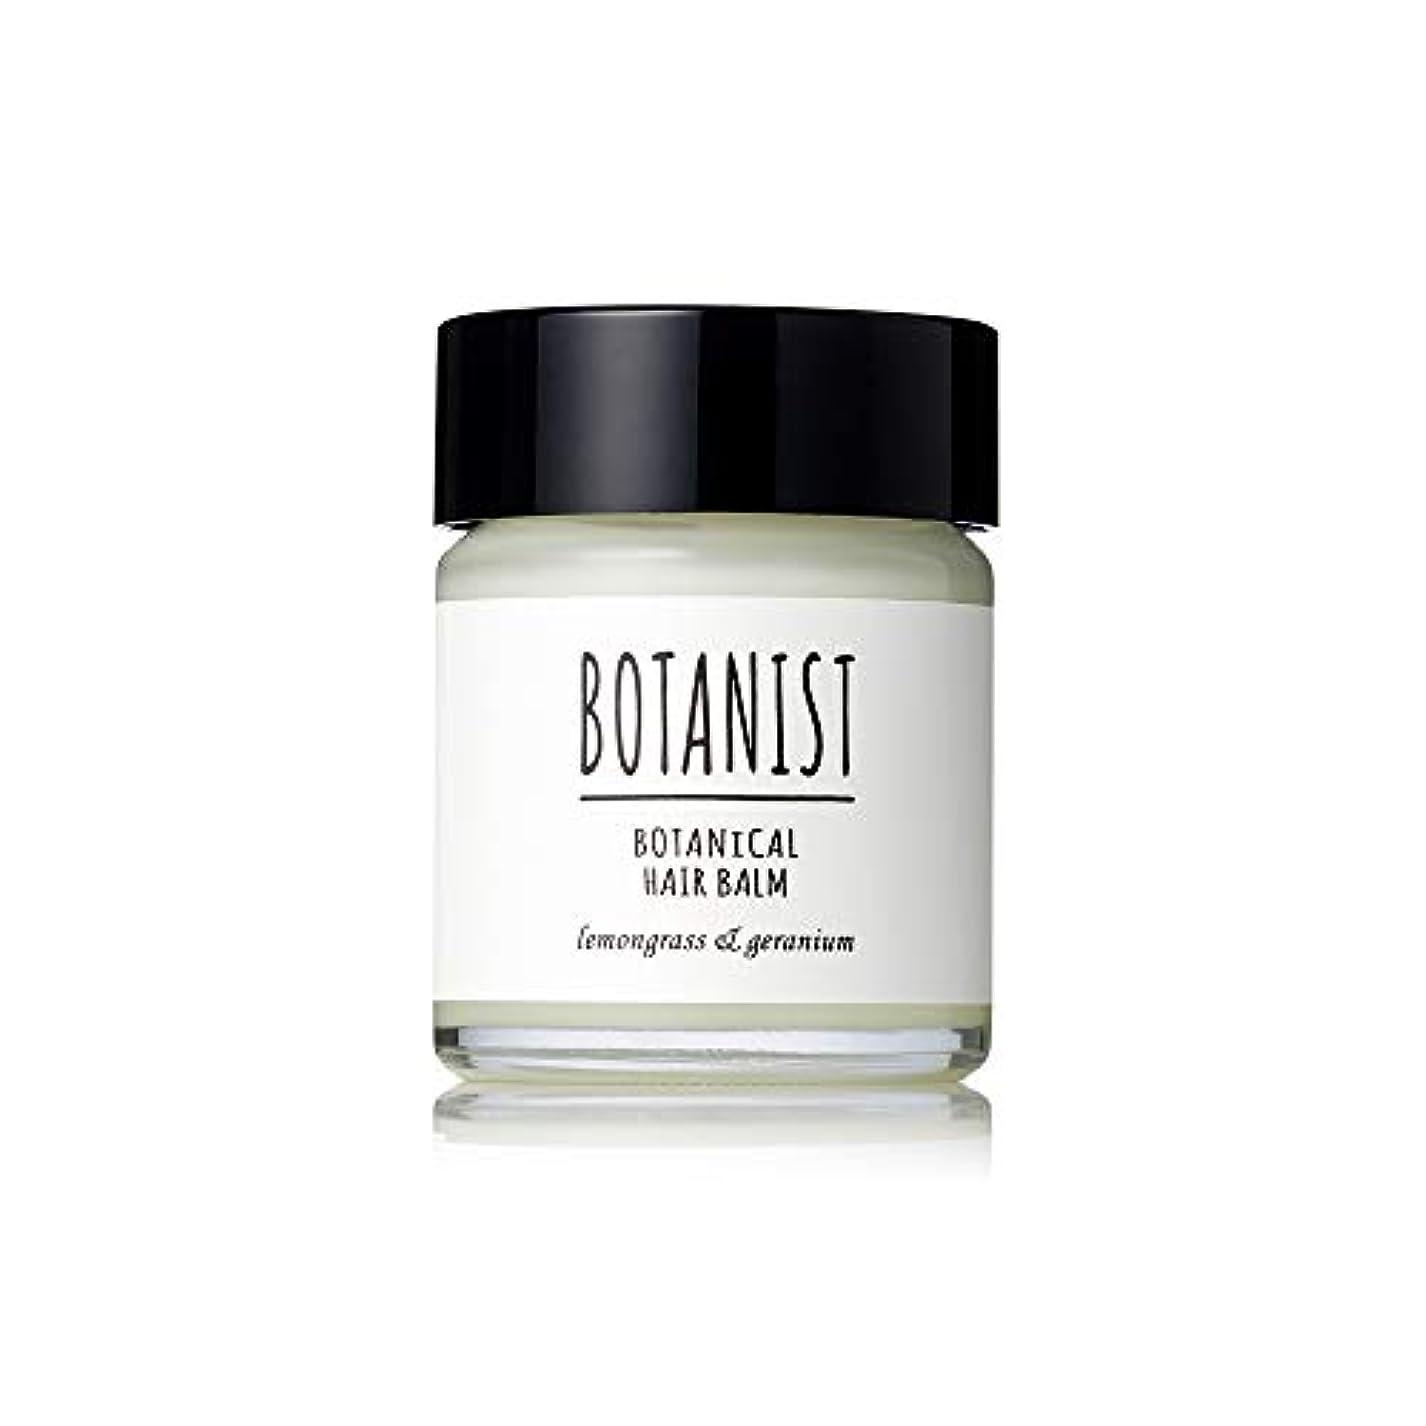 電話に出る喜劇レッドデートBOTANIST ボタニスト ボタニカルヘアバーム 32g レモングラス&ゼラニウムの香り